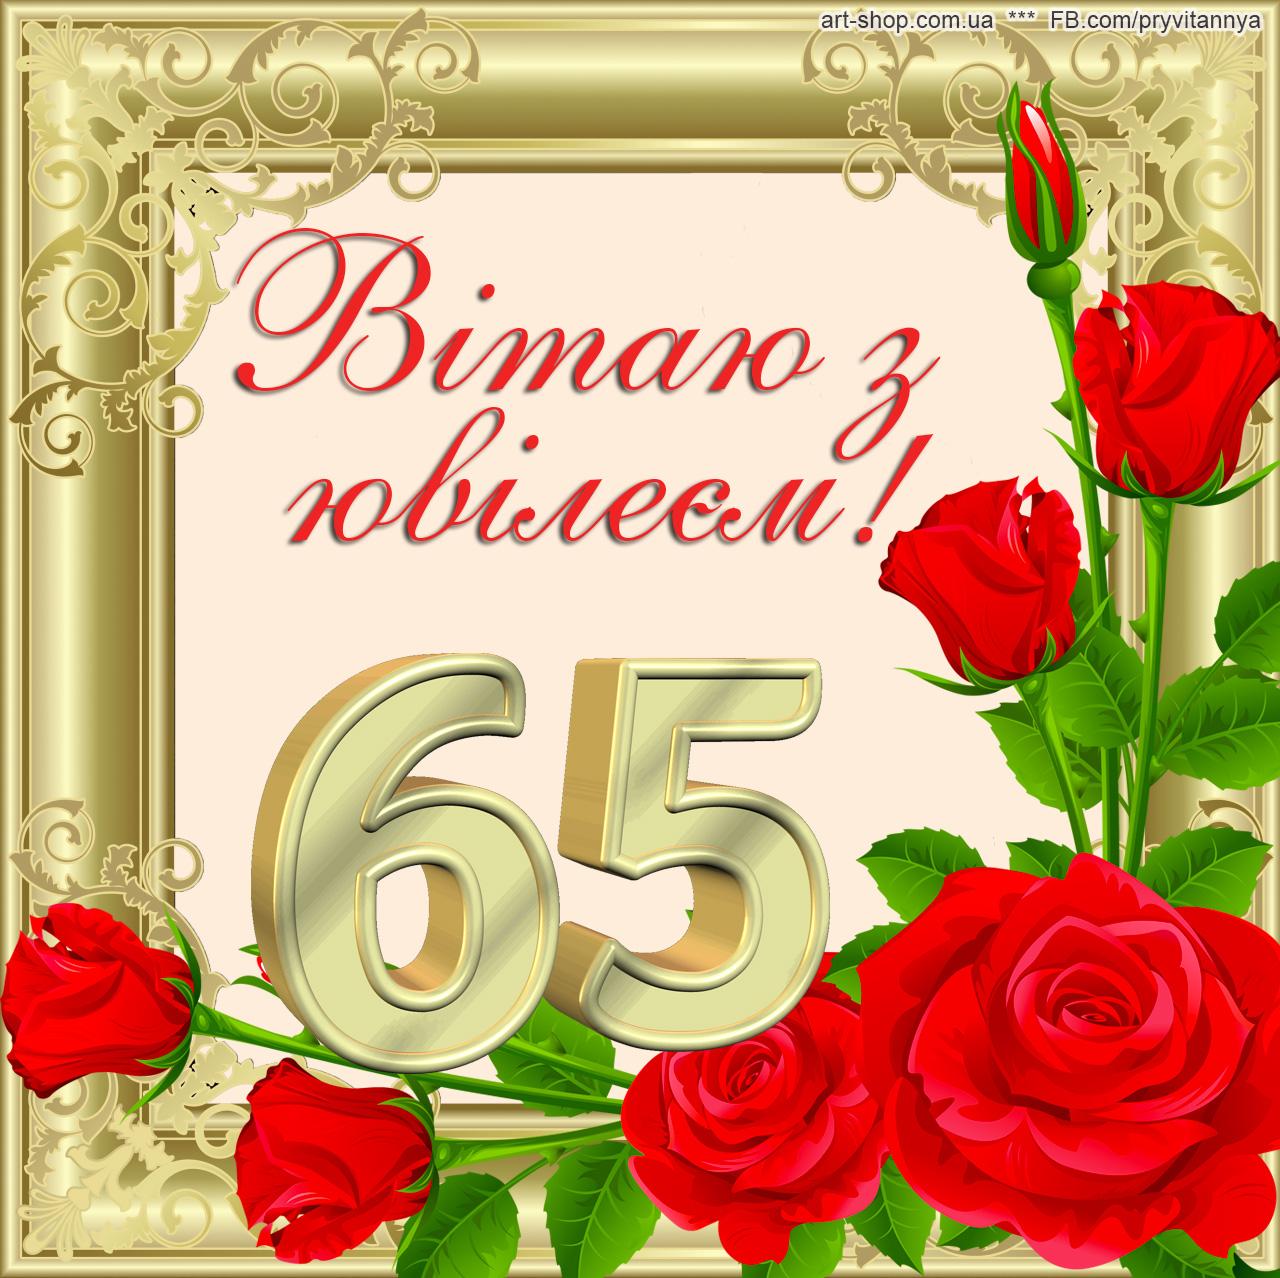 привітати з ювілеєм 65 років